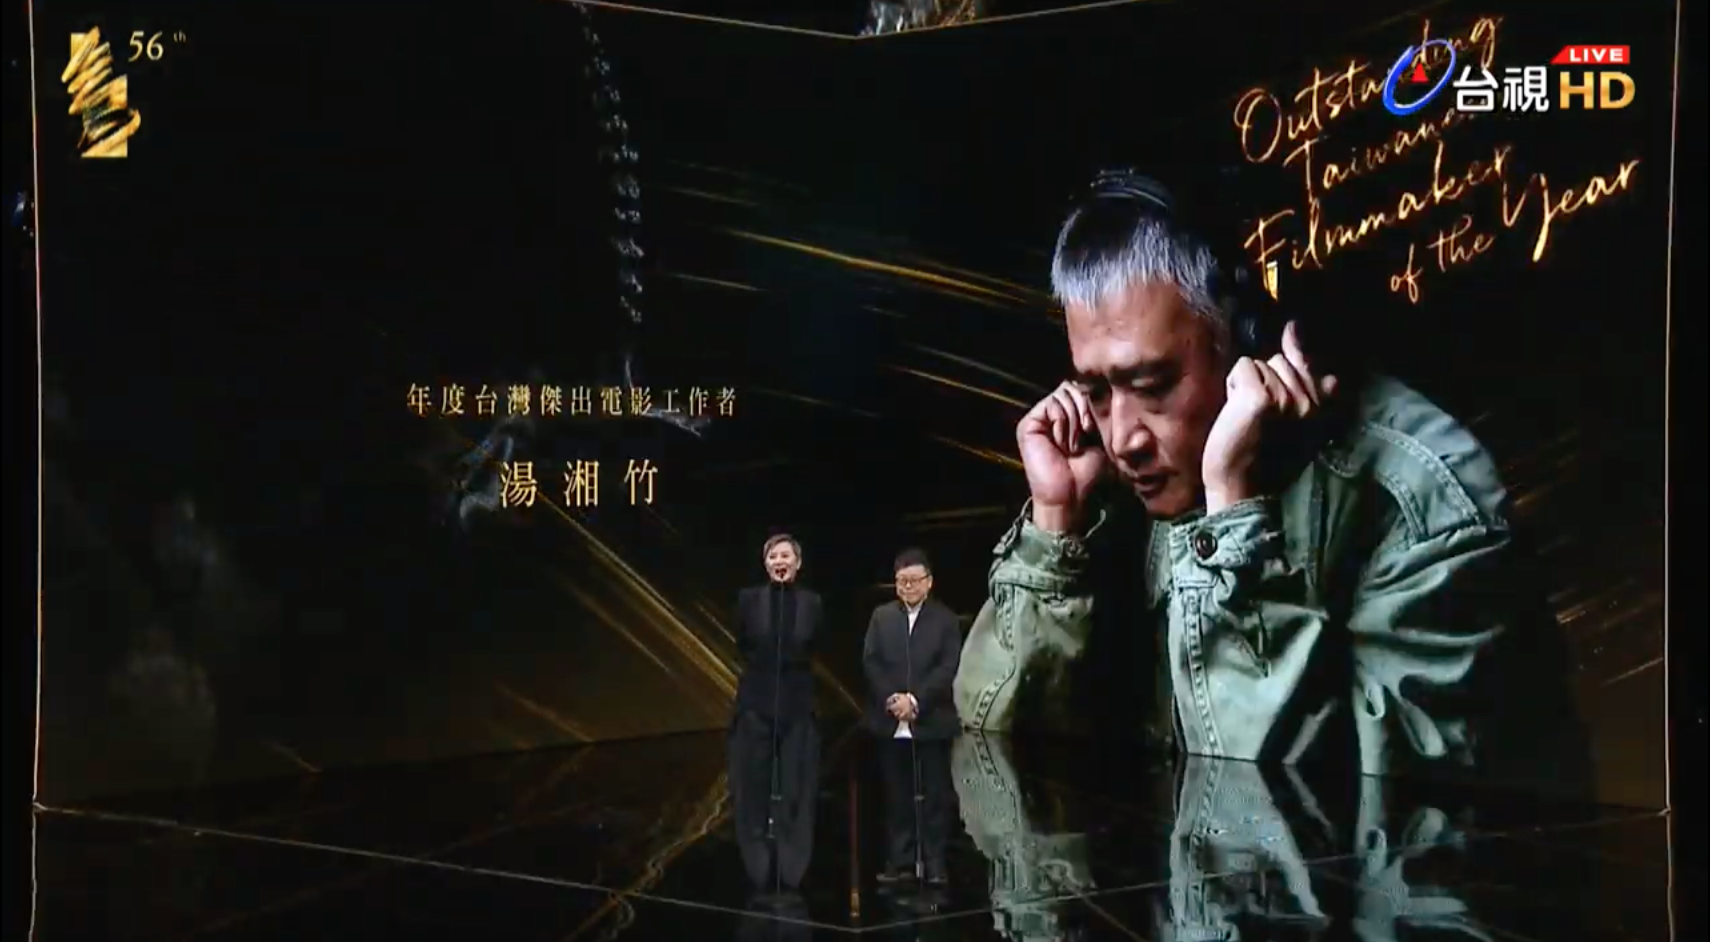 金馬獎/入圍者都想要「台灣人愛用聯名款」 網友笑噴:又被cue!